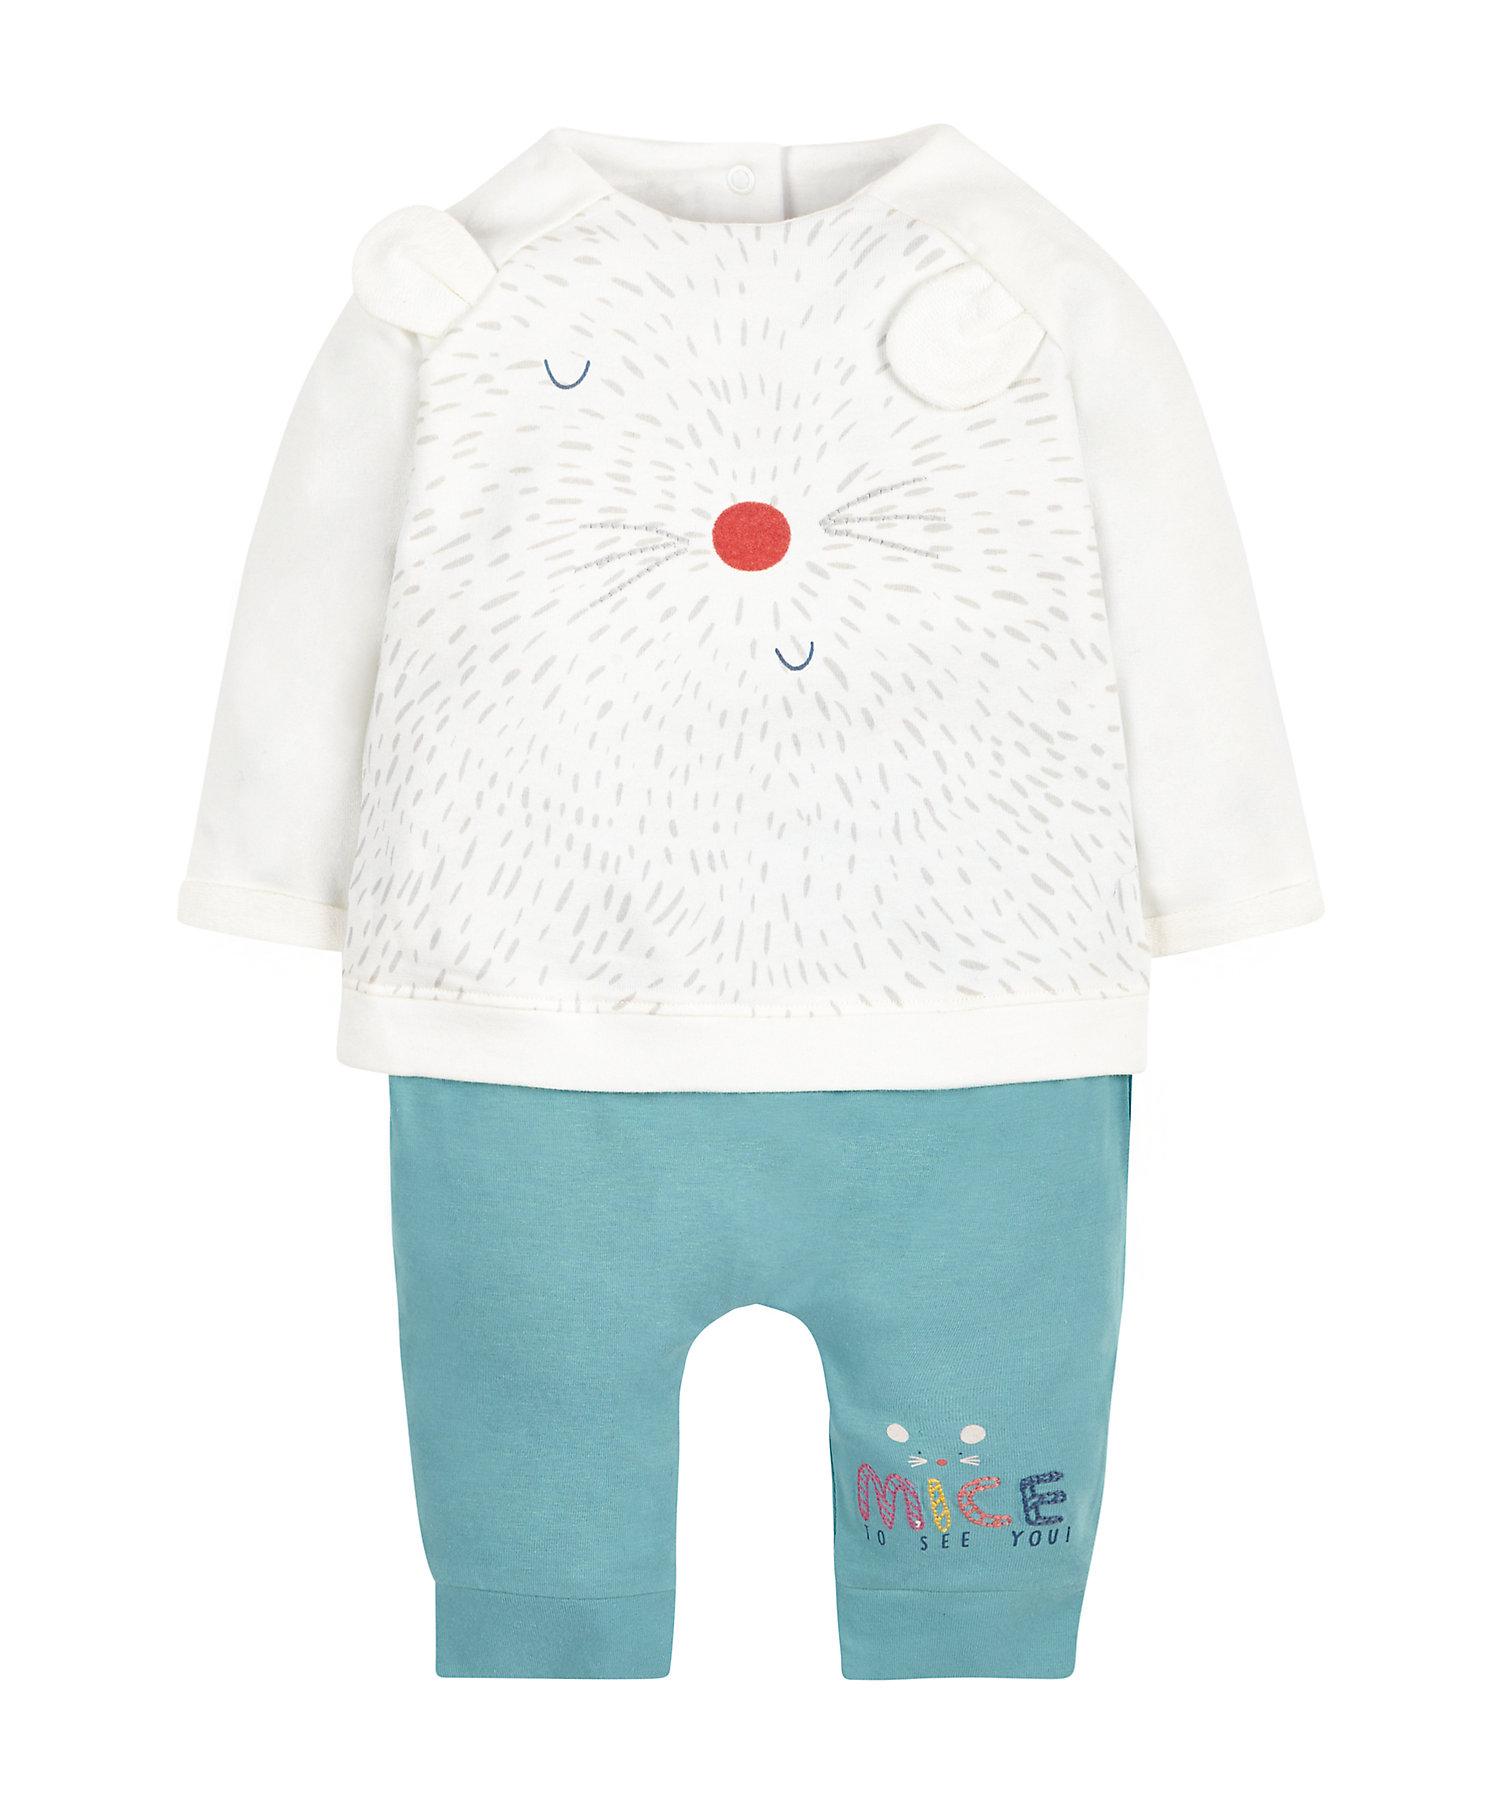 Mothercare | Girls Full Sleeves Pyjama Set 3D Mouse Ears - White